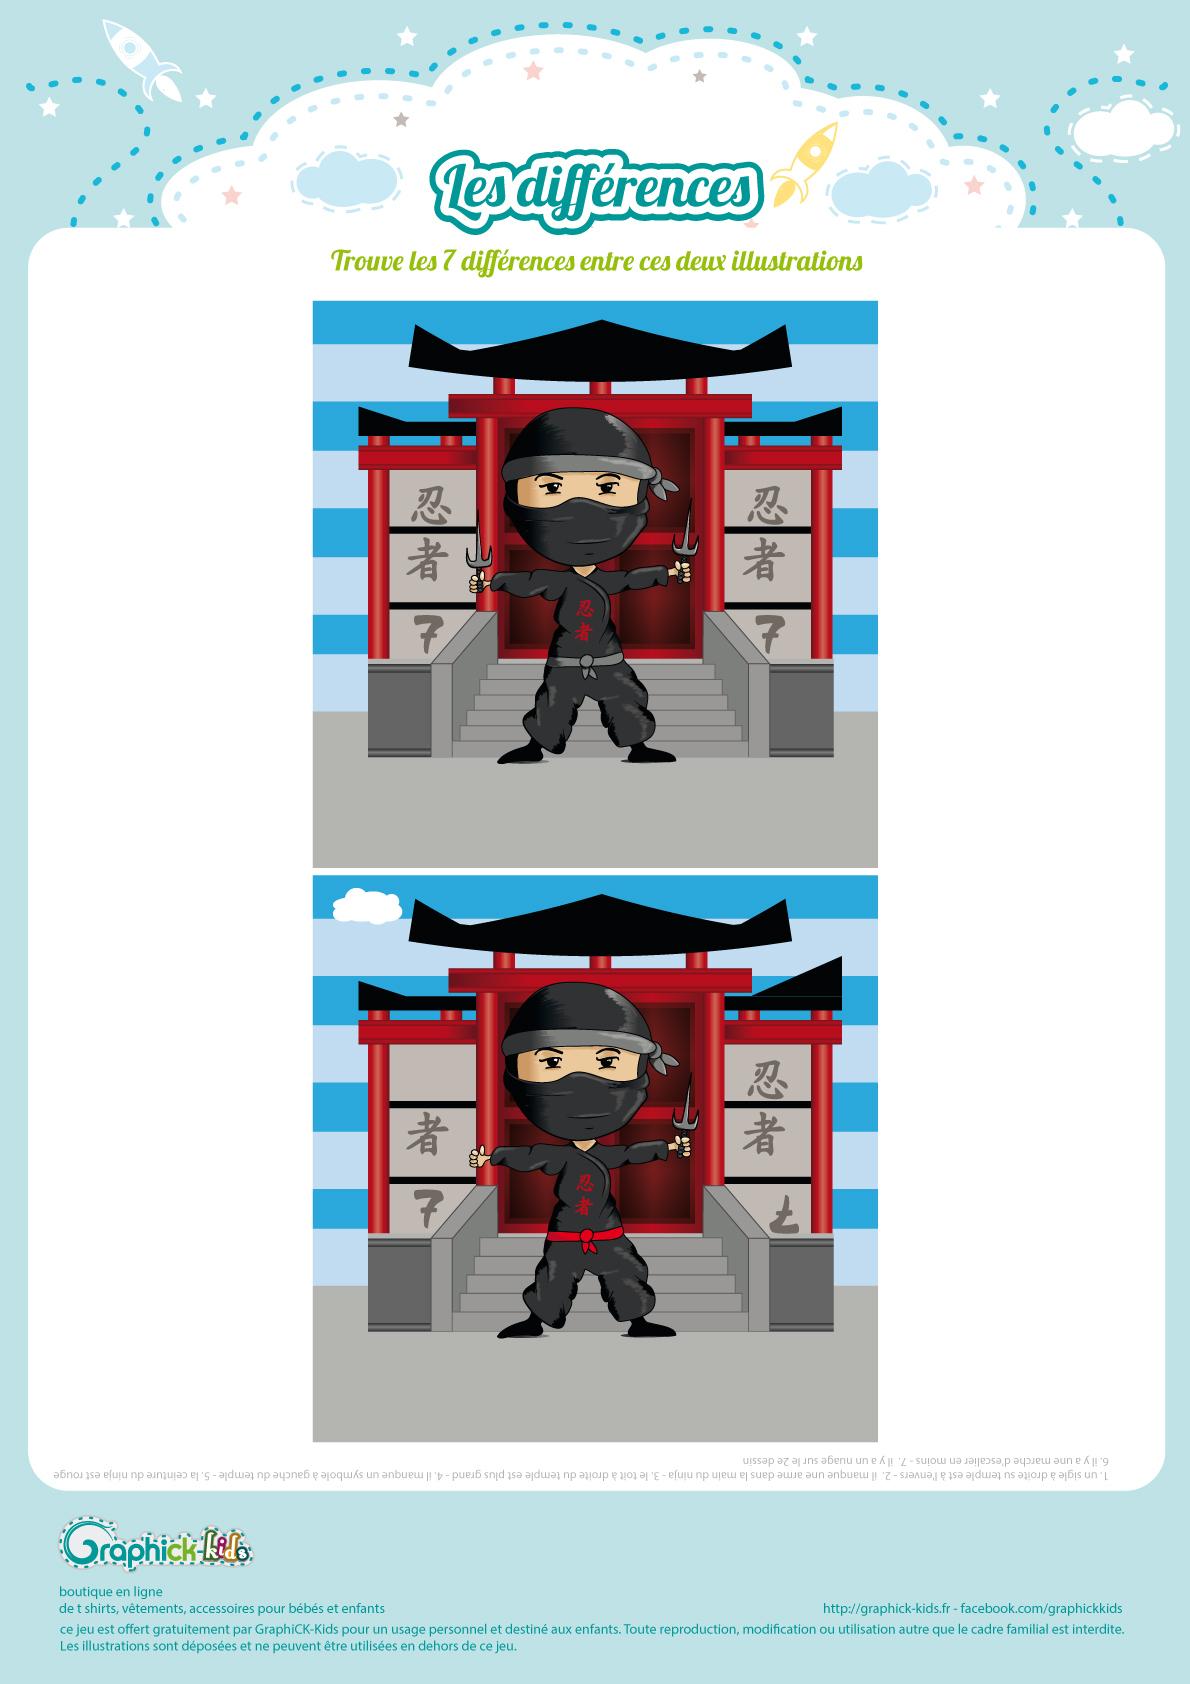 L'activité Du Mercredi : Les Différences Du Ninja - Graphick destiné Jeux Des 7 Différences Gratuit